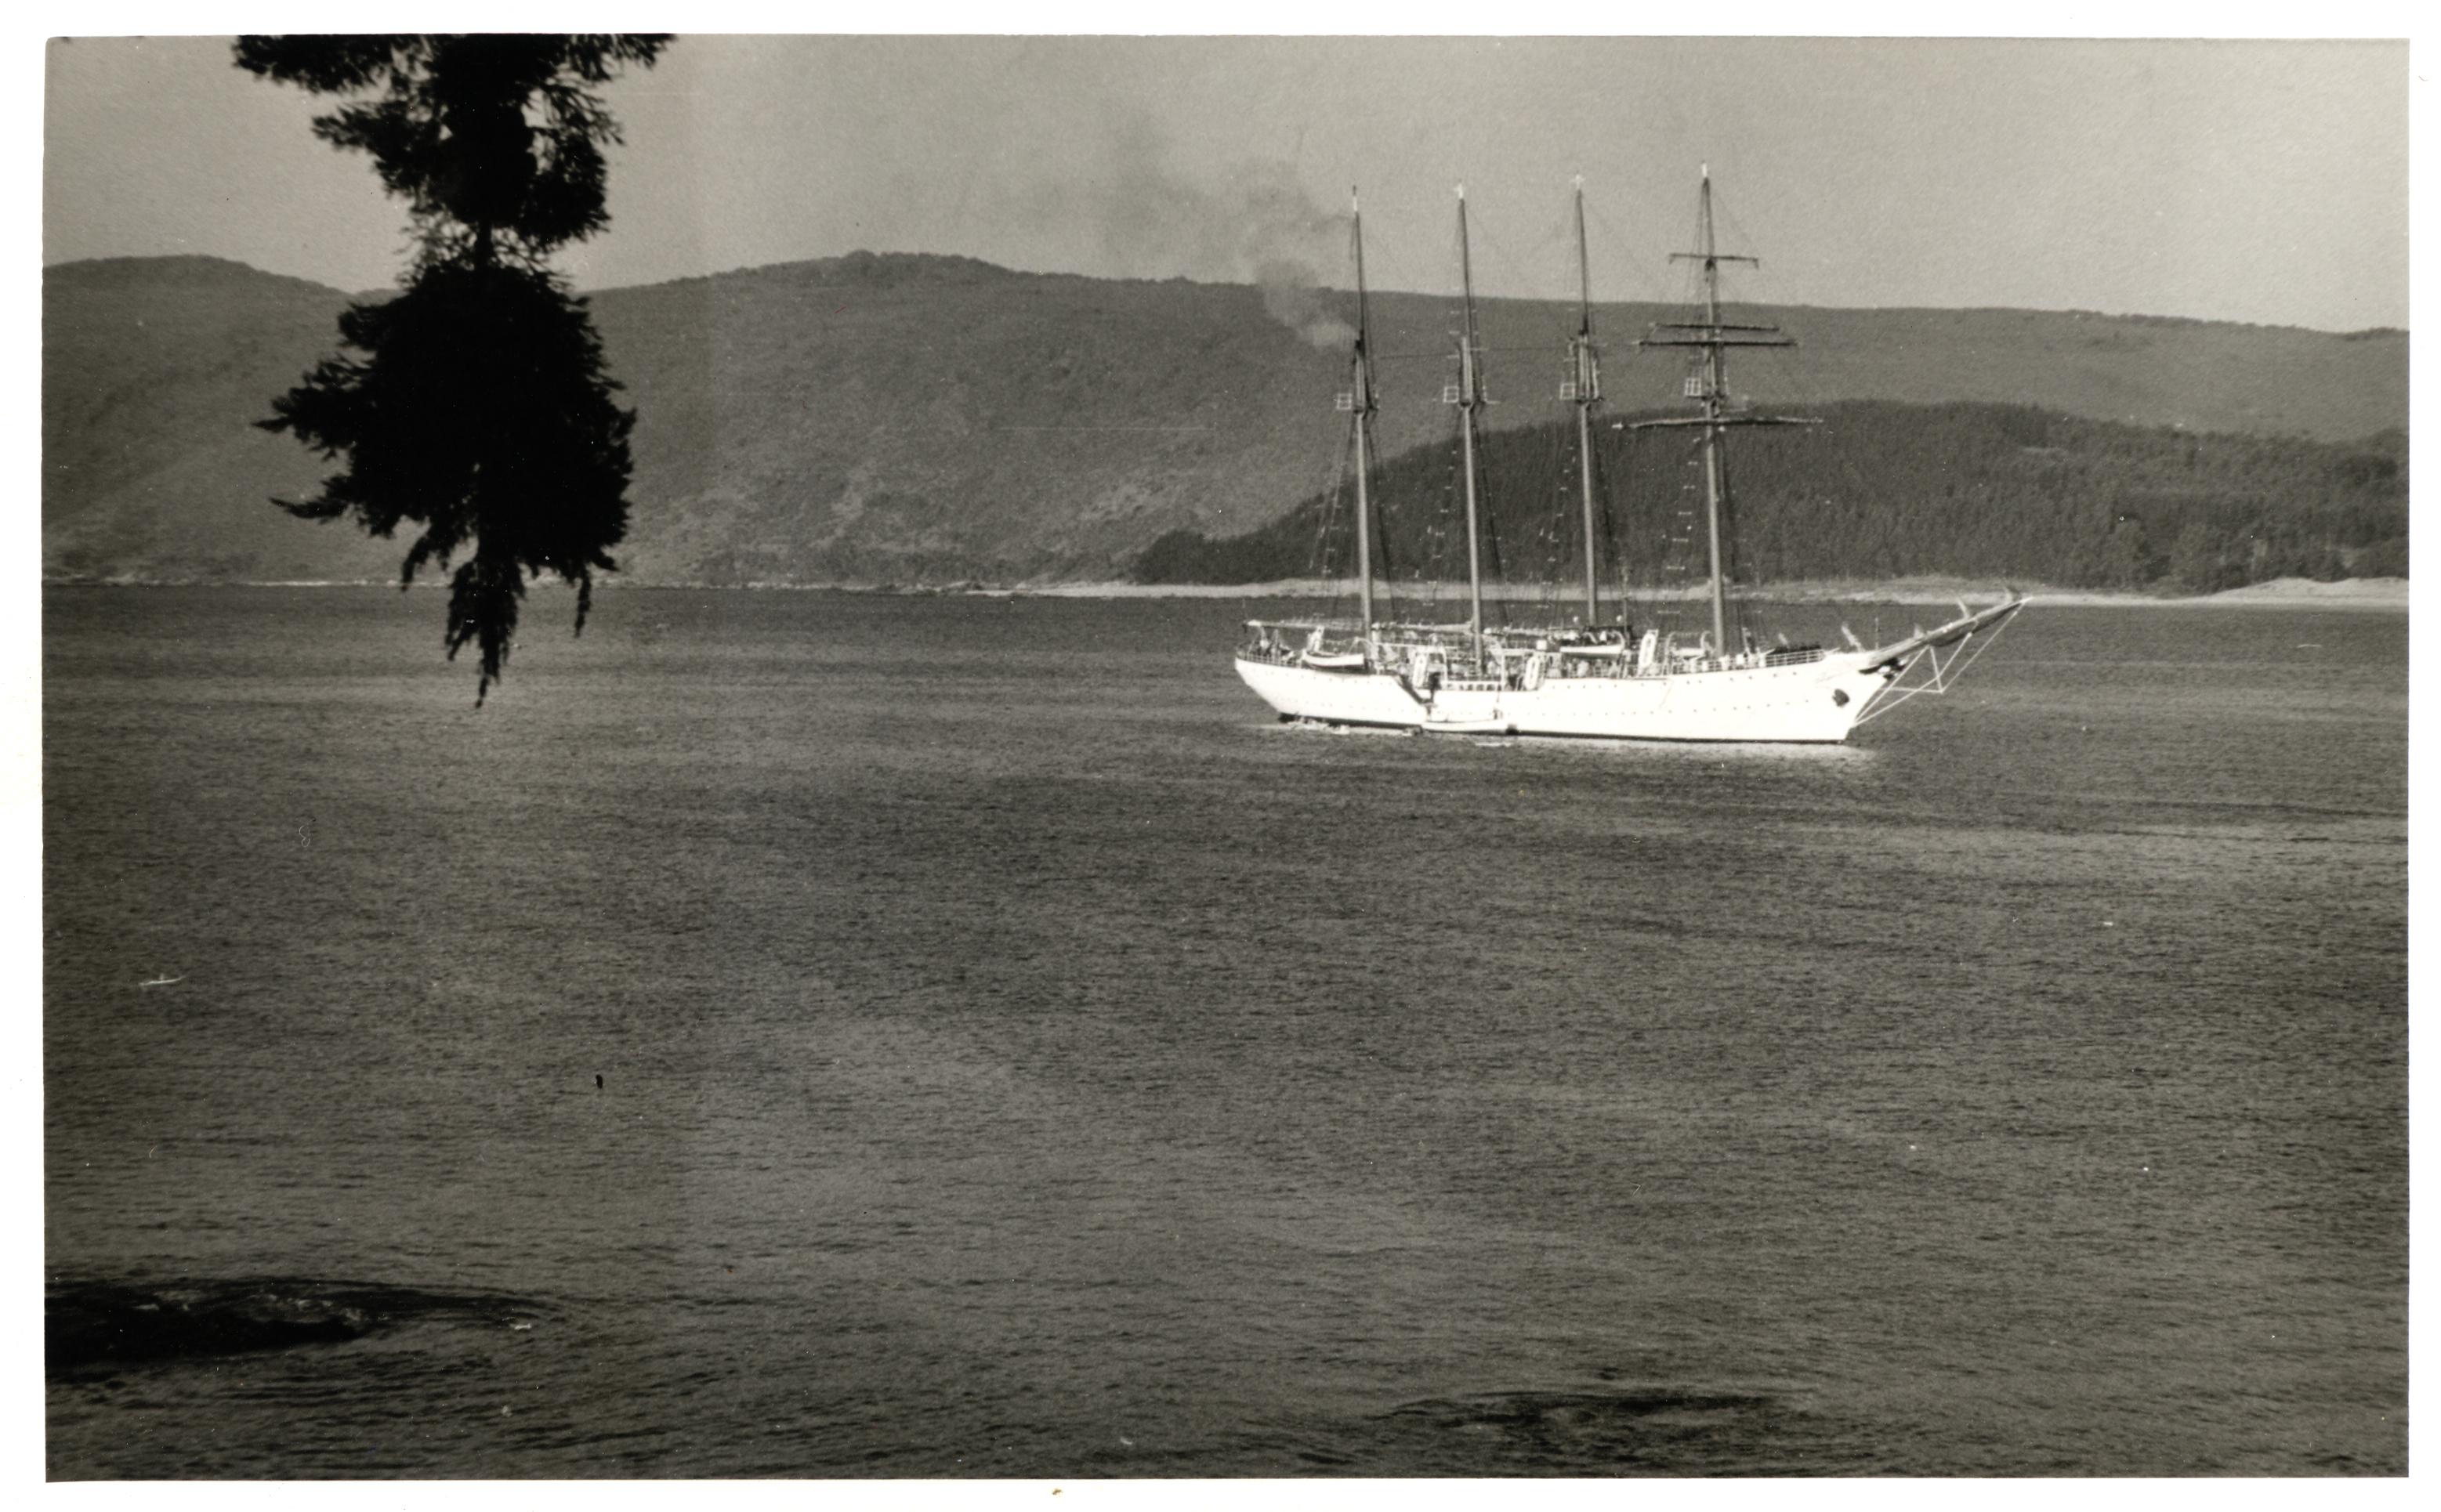 Enterreno - Fotos históricas de chile - fotos antiguas de Chile - Esmeralda en la Bahía de Papudo, ca. 1960